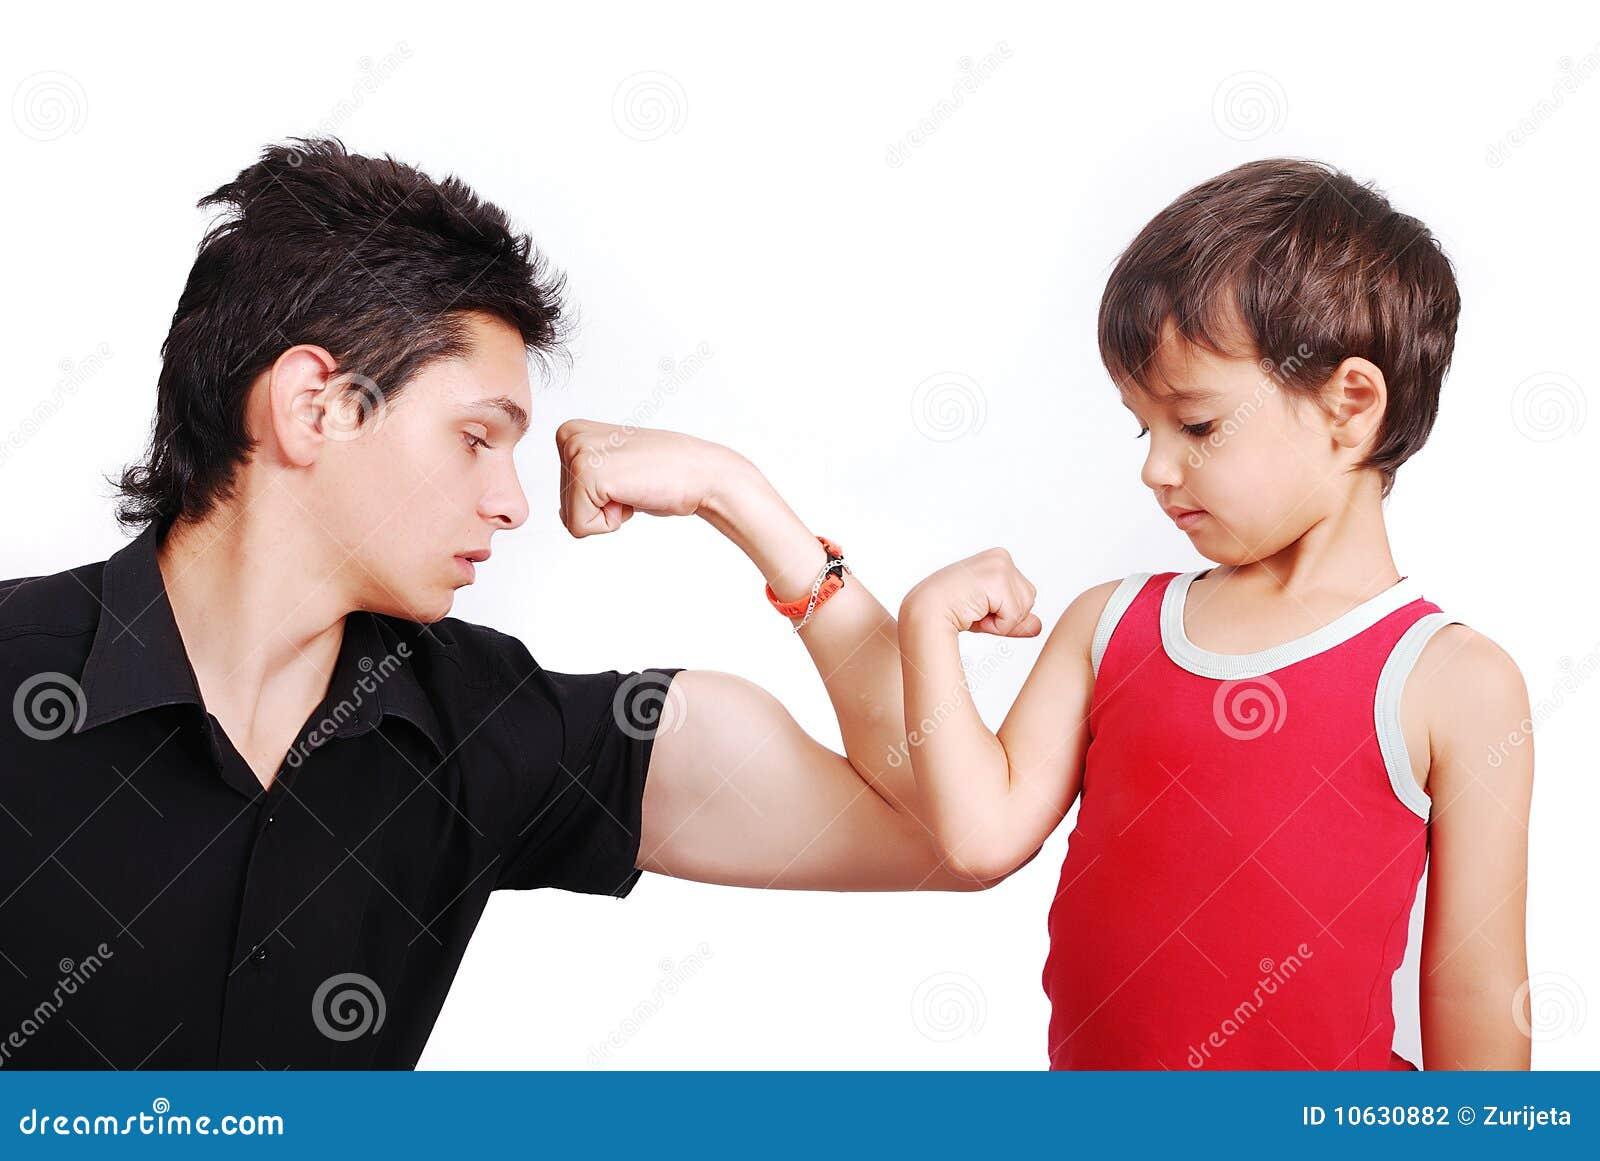 Il giovane modello maschio sta mostrando i muscoli al ragazzino